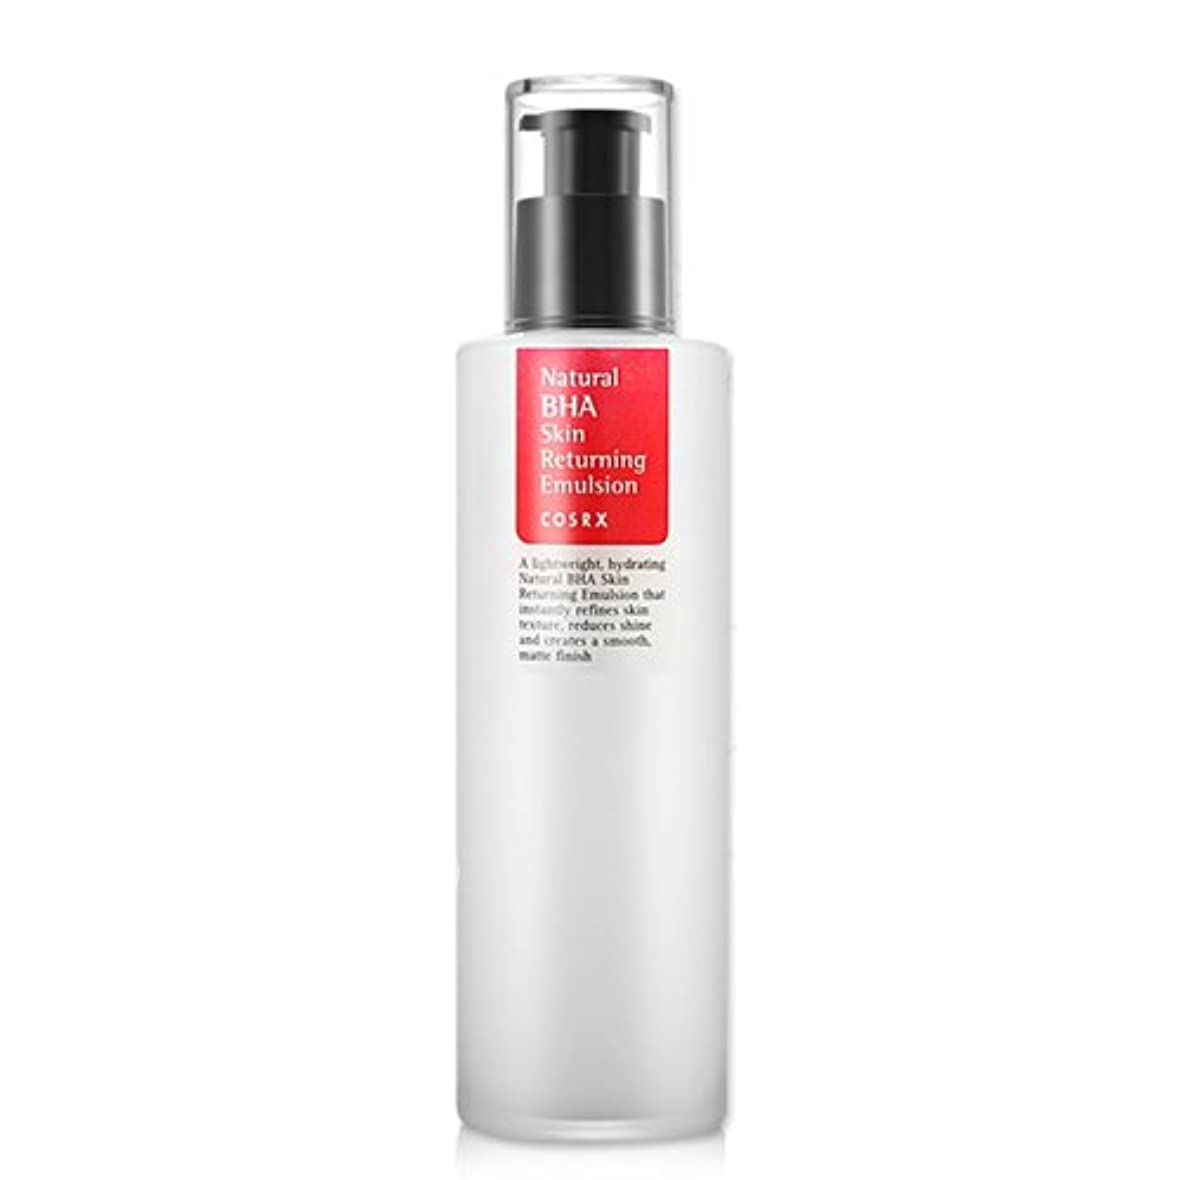 チューリップ劇場免除COSRX Natural BHA Skin Returning Emulsion 100ml/K-Beauty/Korea Cosmetics